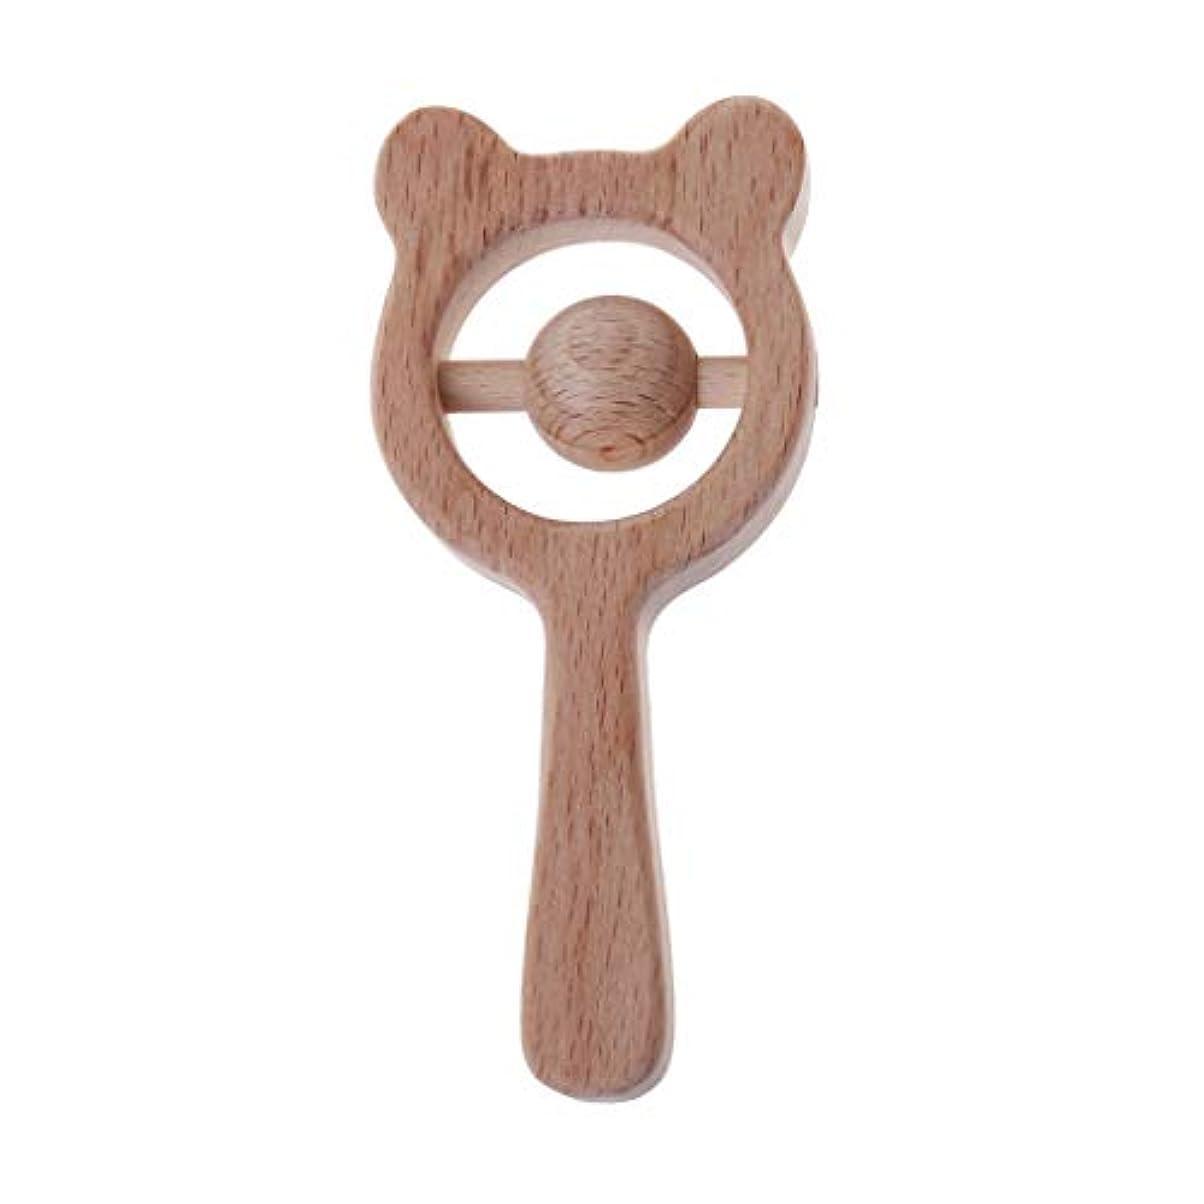 セイはさておき肉腫ピカリングランドウッドティーザーベイビーベアーティーザーガラガラベビー授乳玩具かむ玩具歯が生えるガラガラおもちゃ